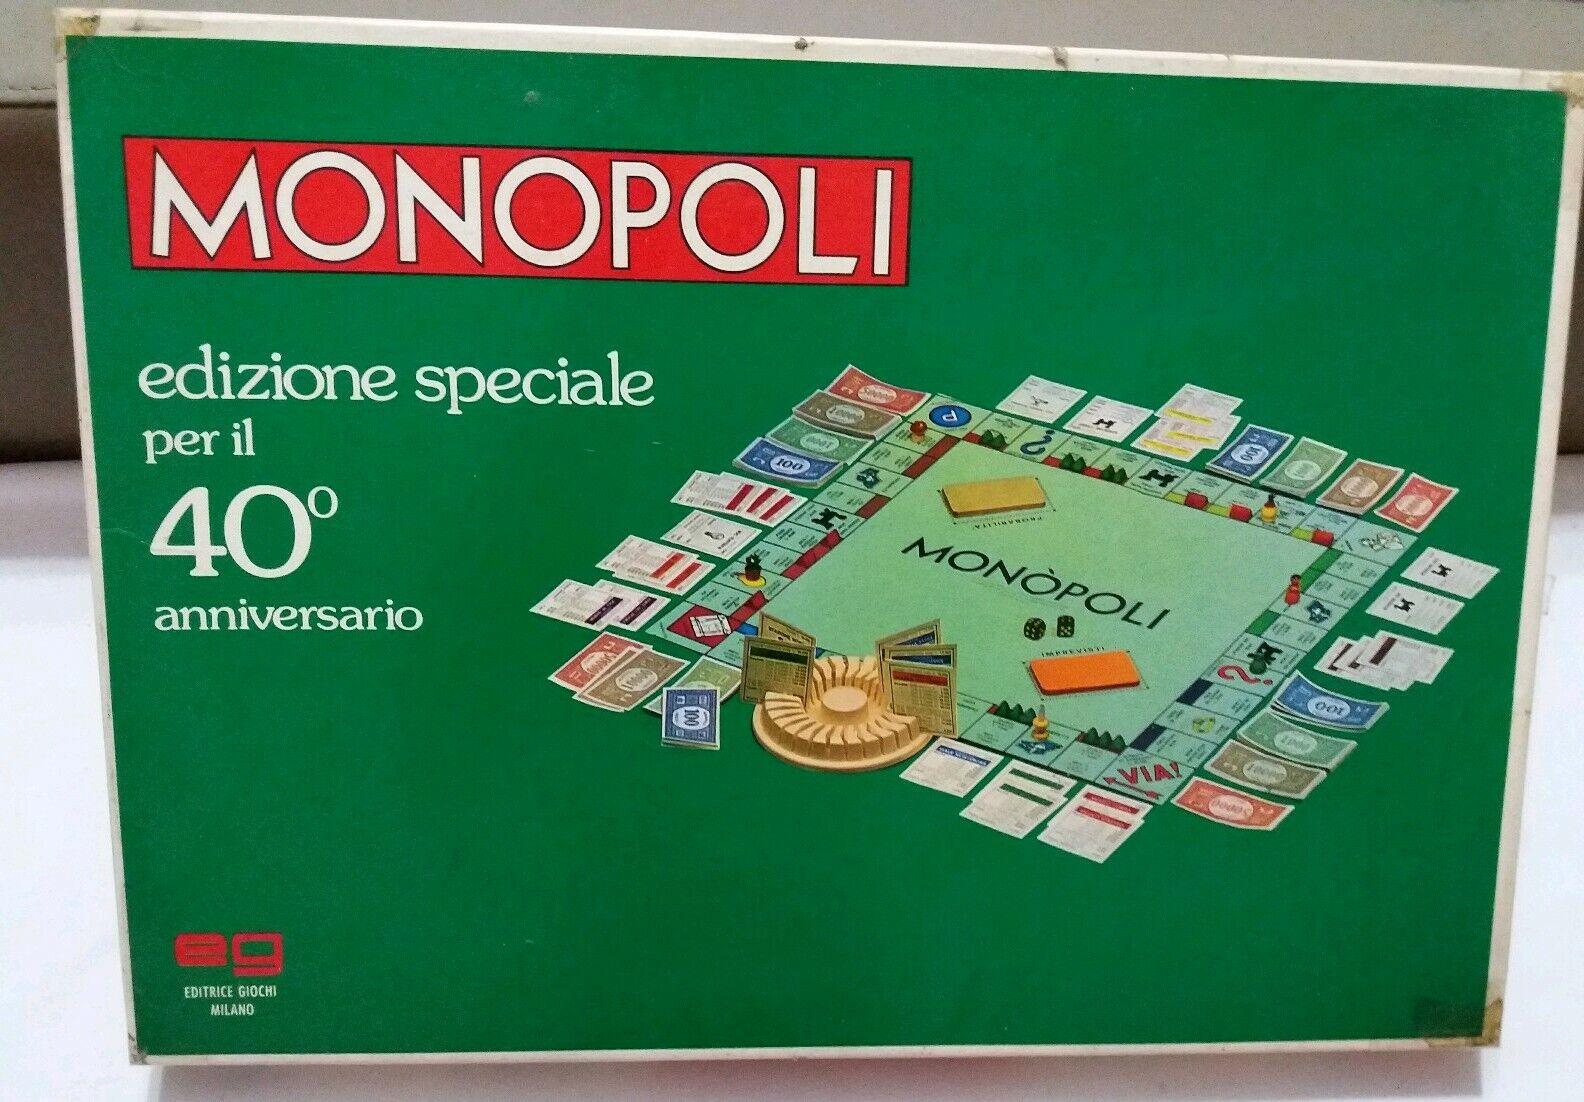 Monopoli Monopoli Monopoli Edizione Speciale per Il 40° Anniversario 262a1c